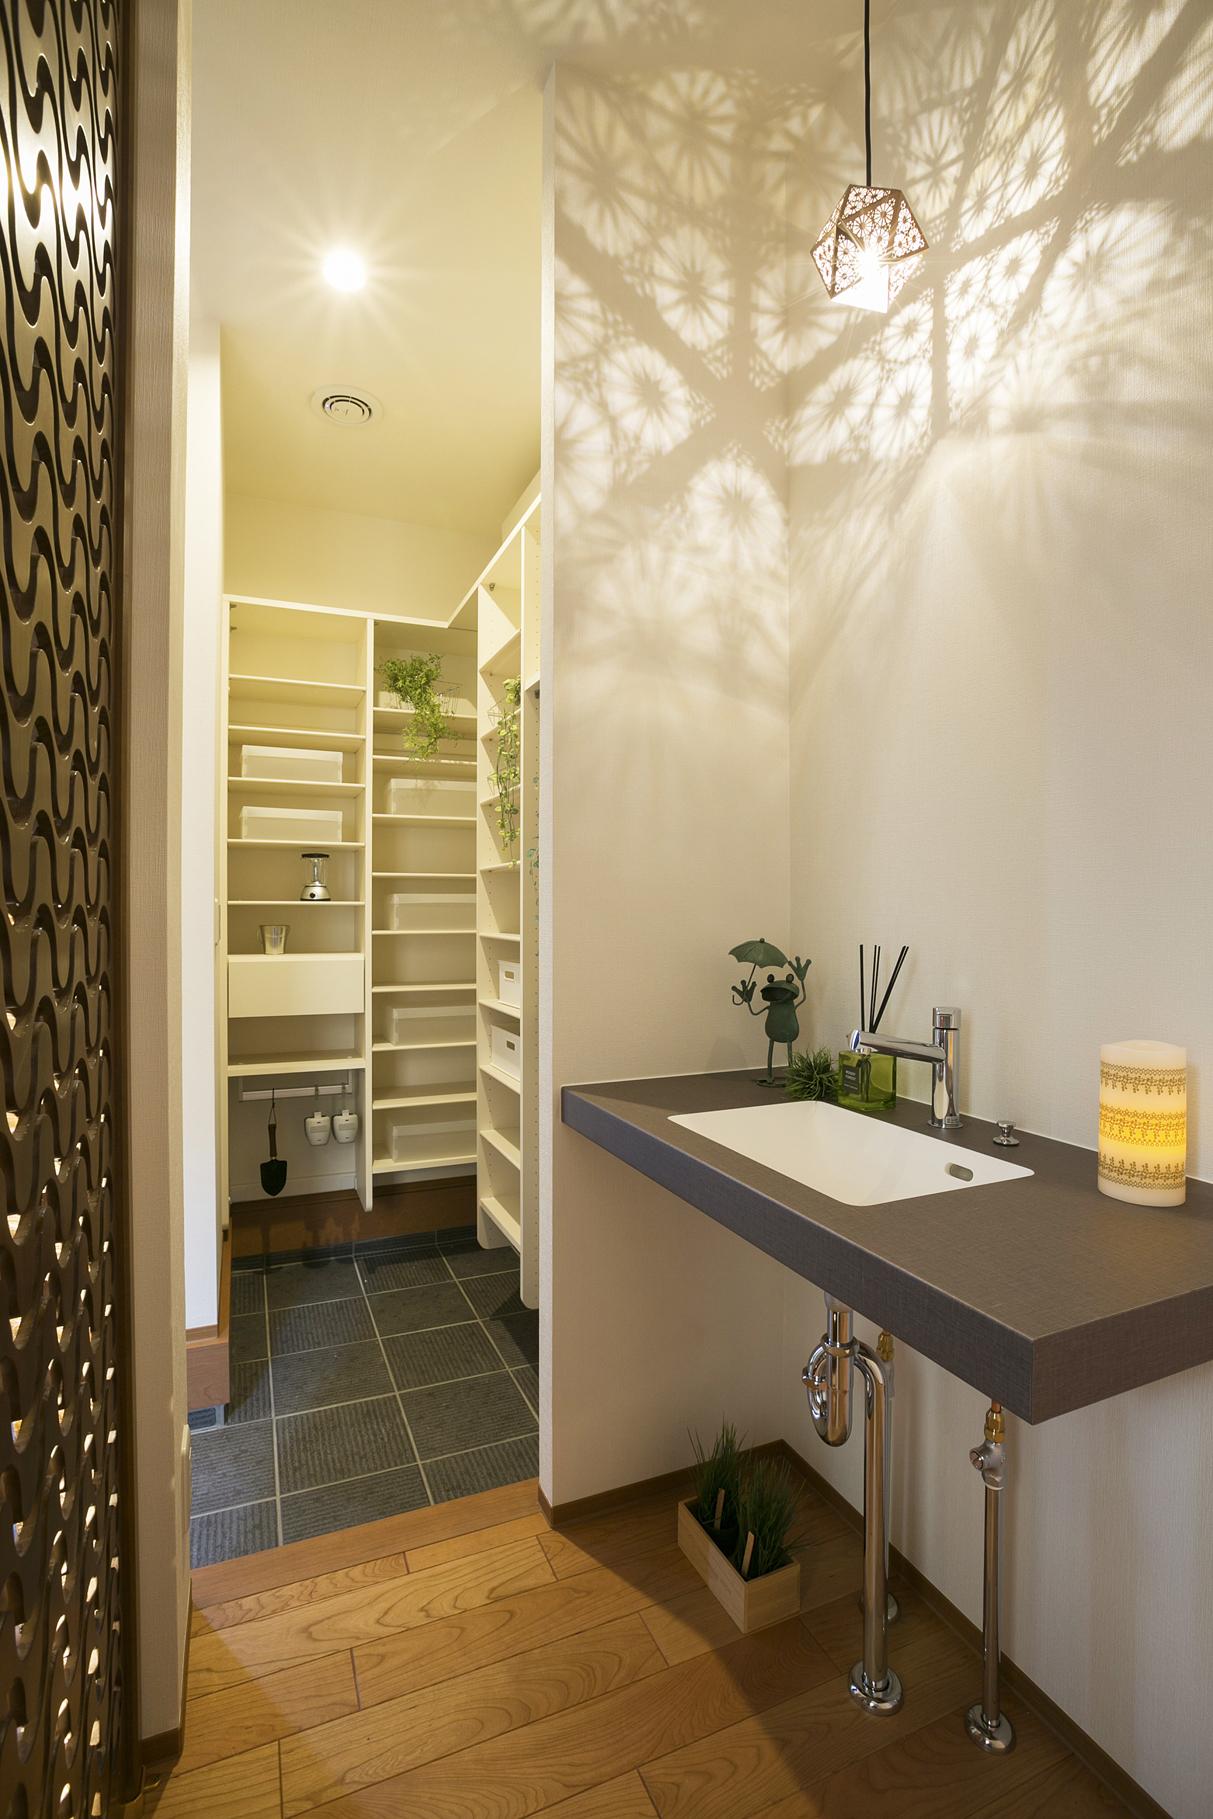 ハウスM21「豊かさと快適さの追求」玄関手洗い写真